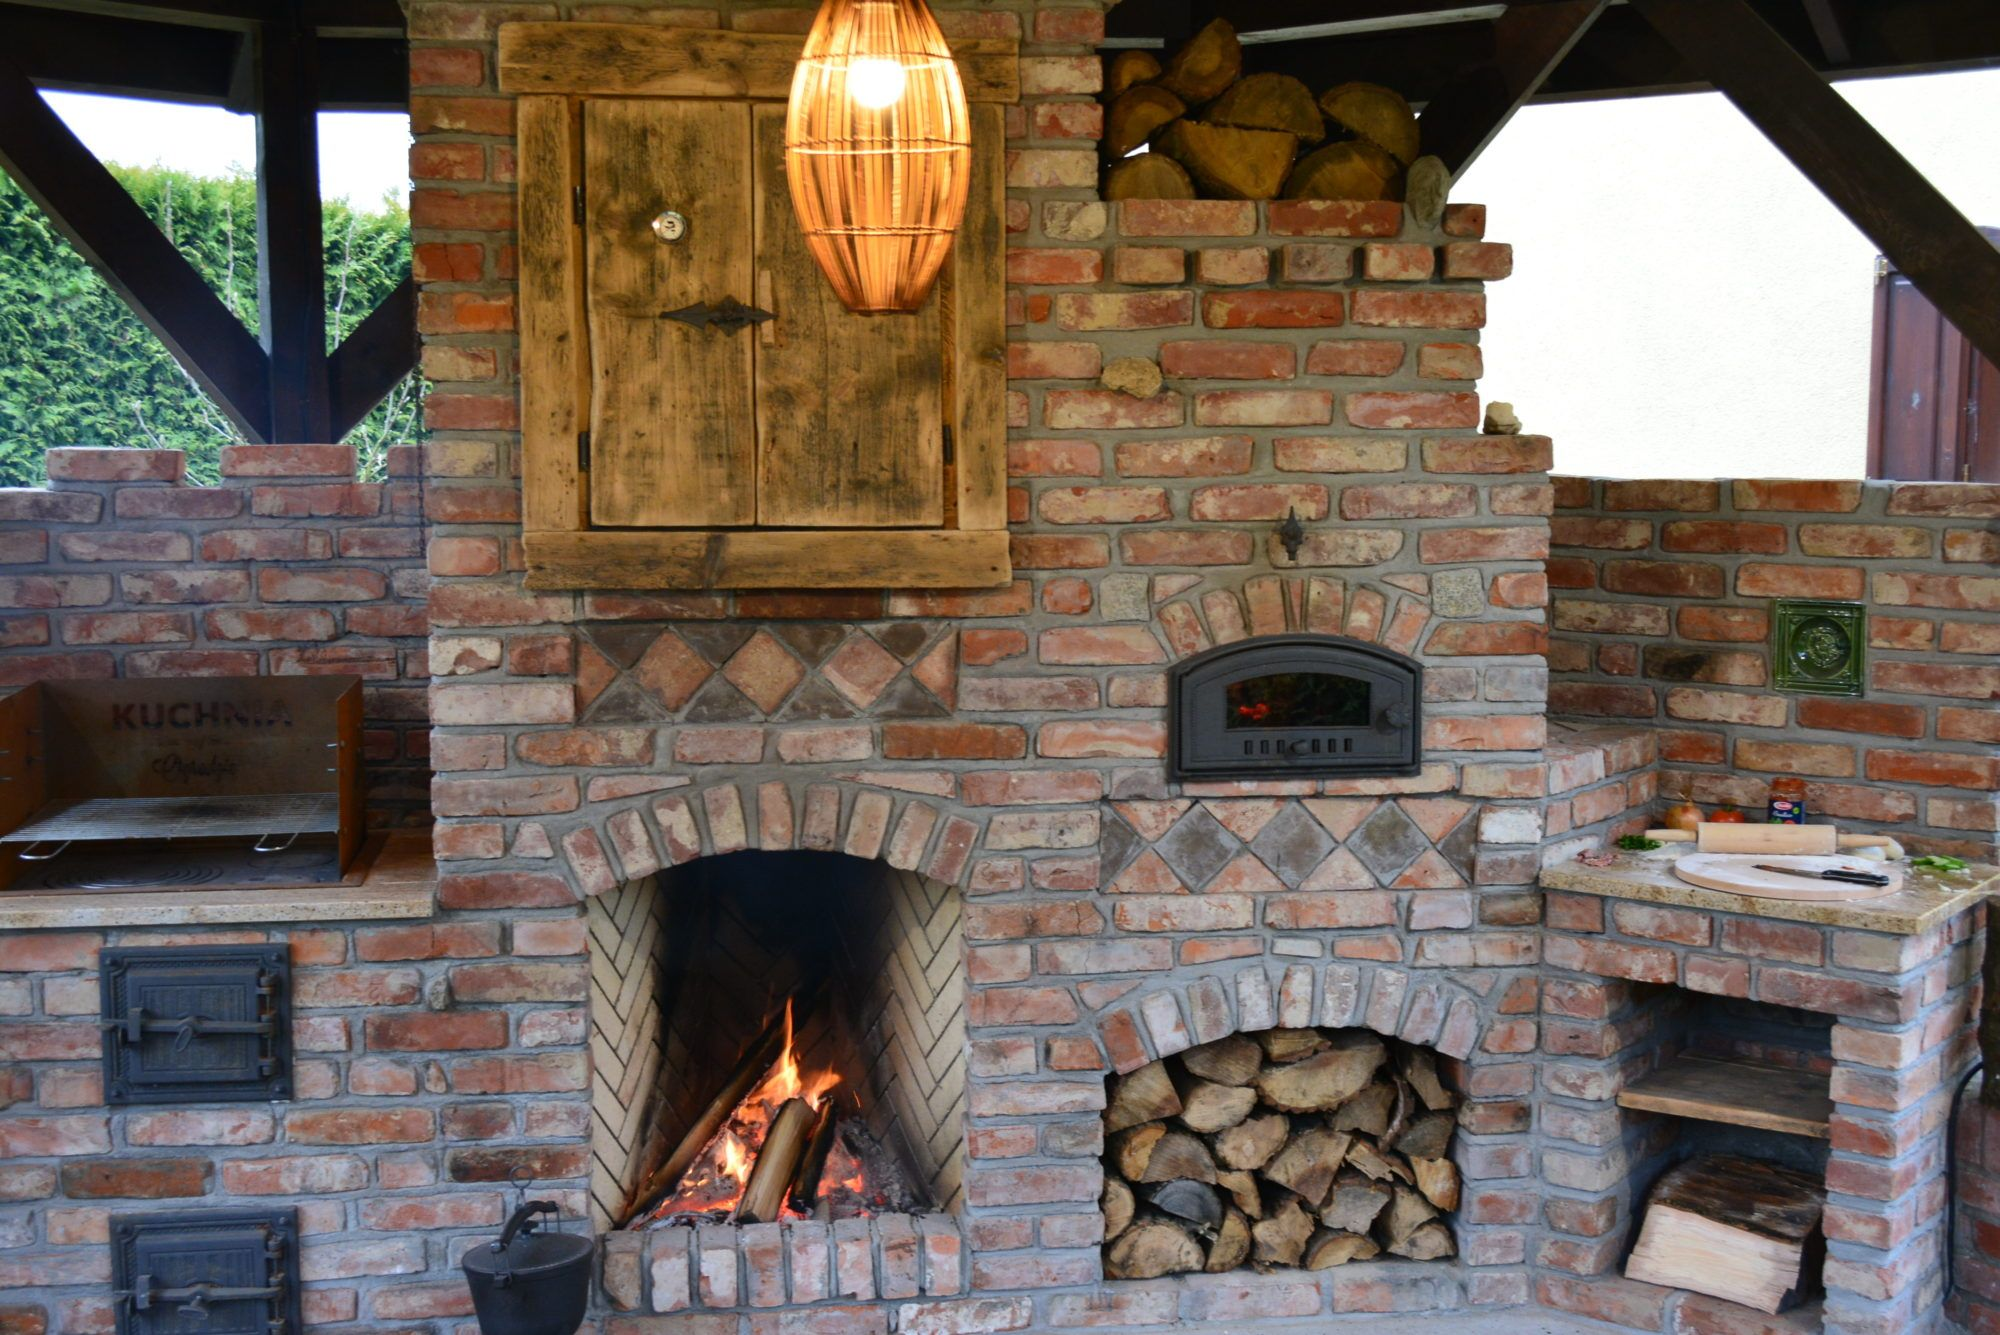 Kuchnie Ze Starej Cegly Kuchnie Letnie Ogrody Zimowe Grille Piece Kuchnia W Ogrodzie Barn Kitchen Sauna Diy Patio